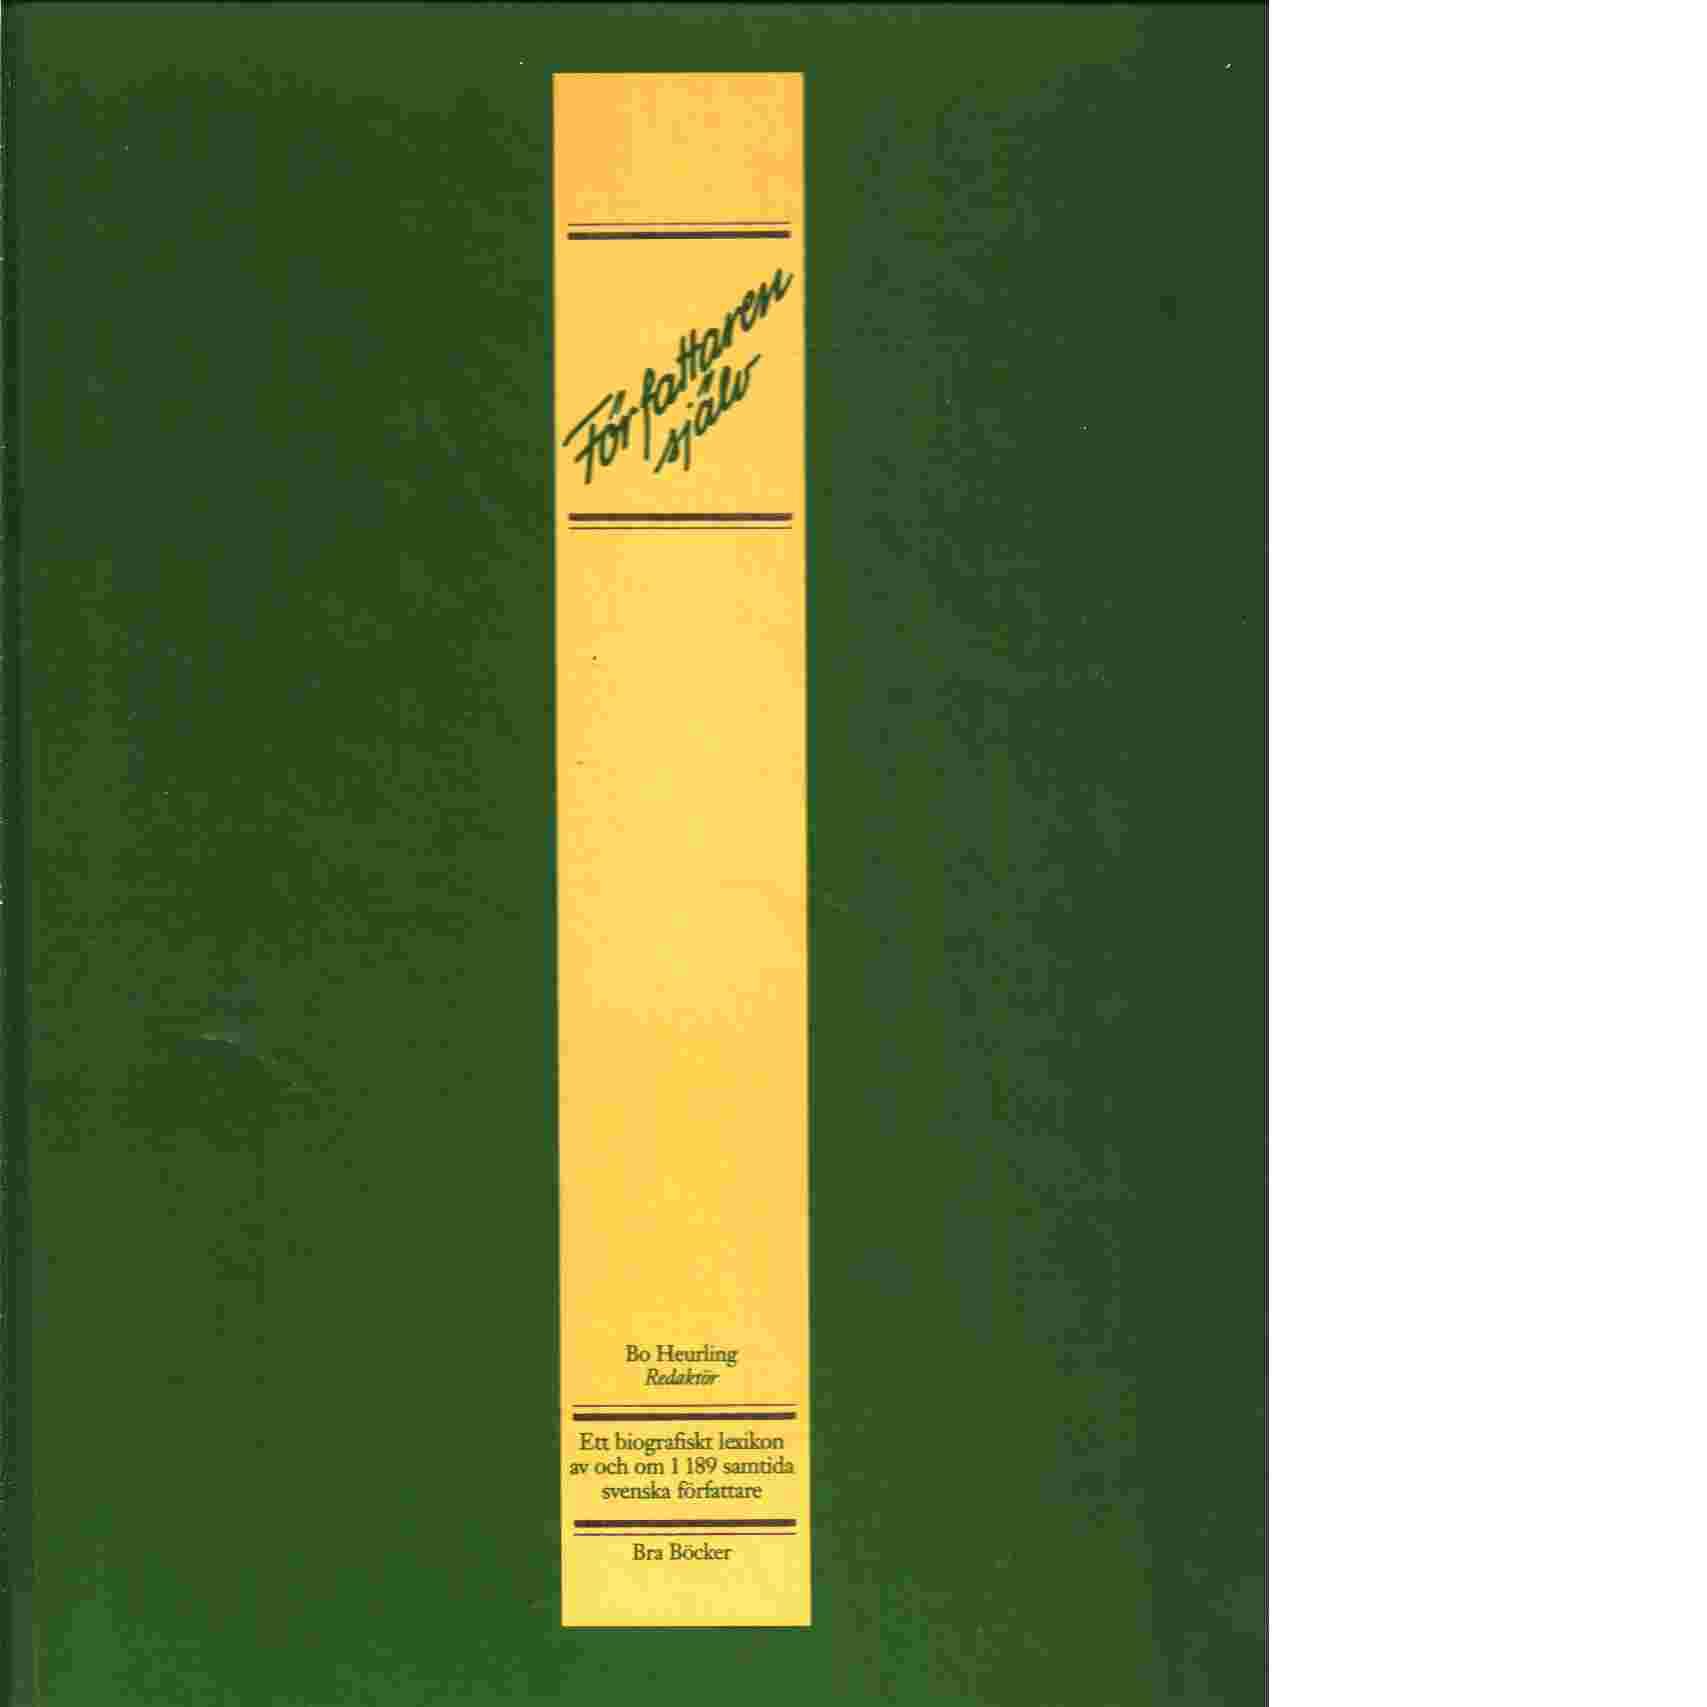 Författaren själv : ett biografiskt lexikon av och om 1189 samtida svenska författare - Heurling, Bo